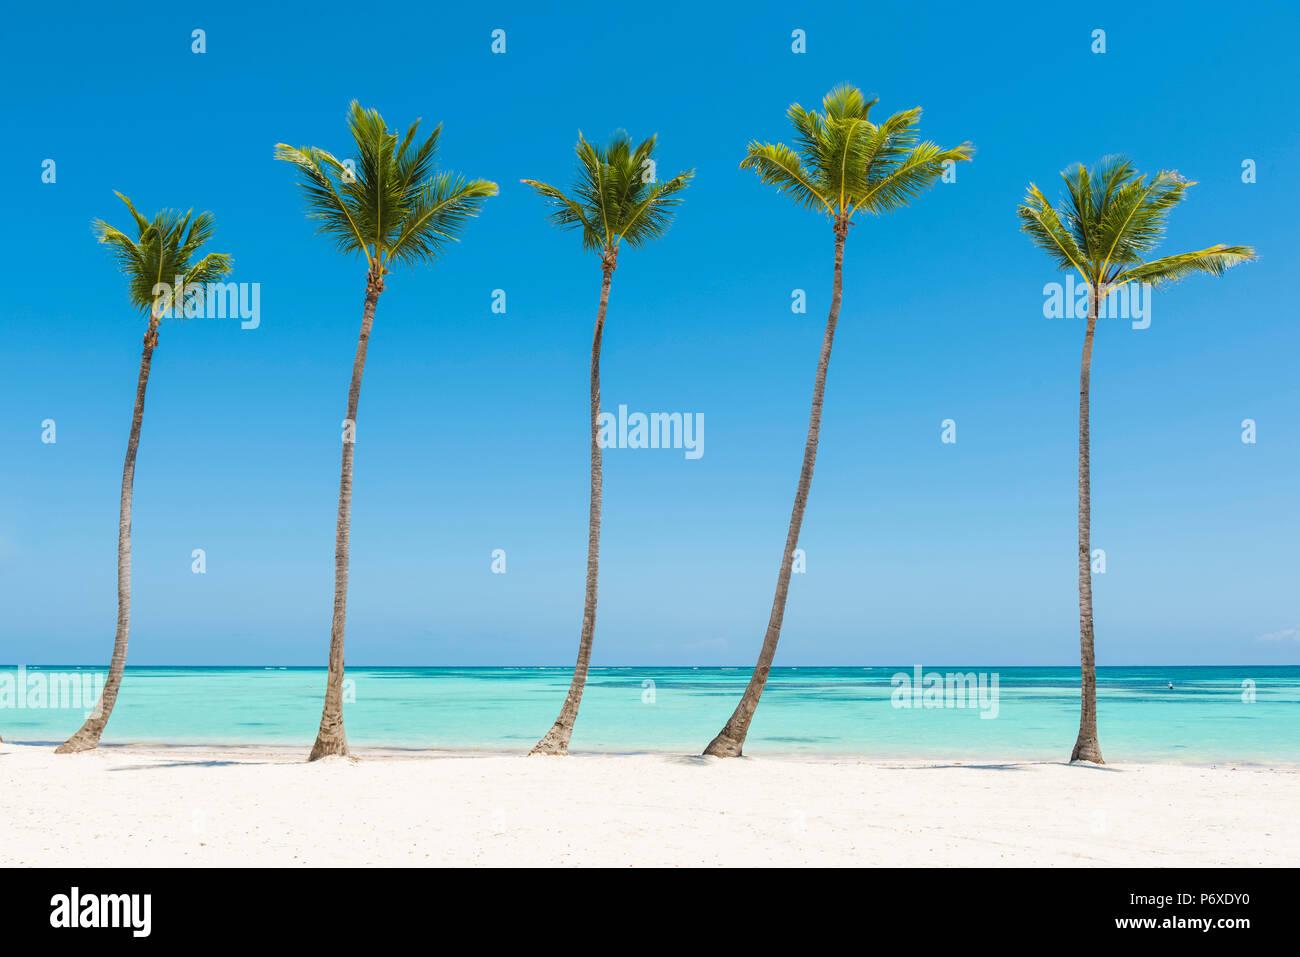 Juanillo Beach (playa Juanillo), Punta Cana, République dominicaine. La plage bordée de palmiers. Photo Stock